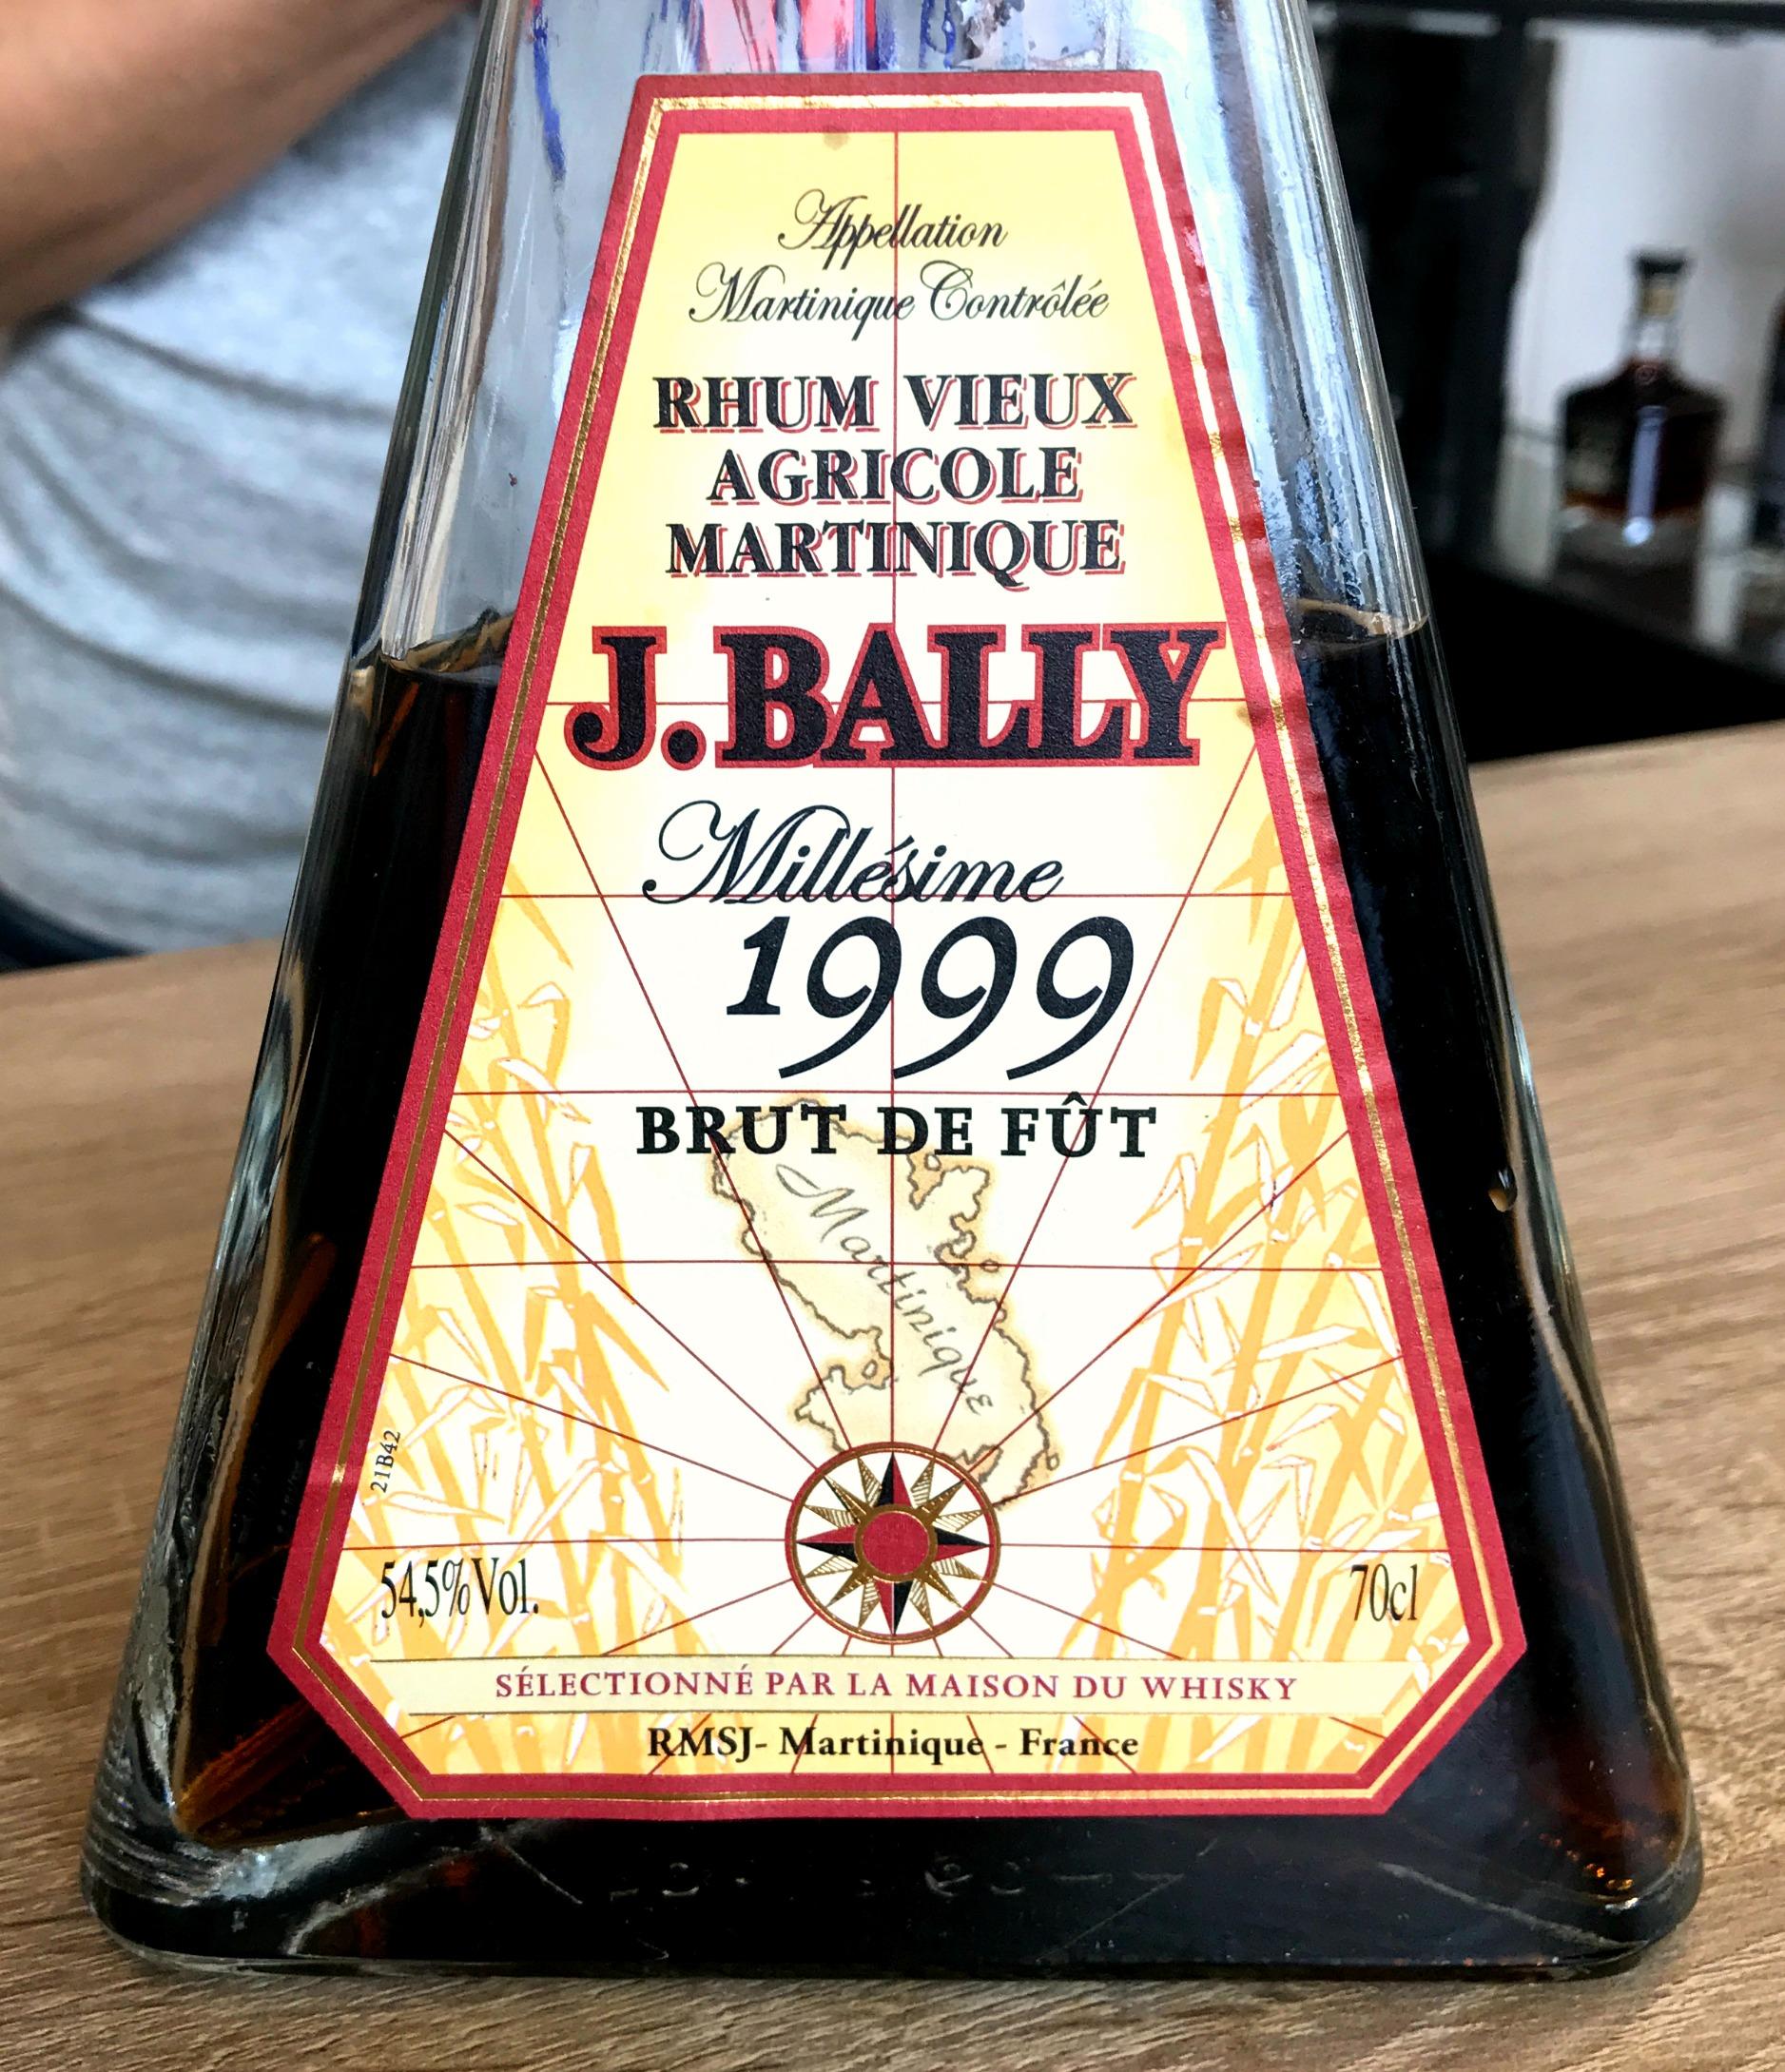 Bally 1999